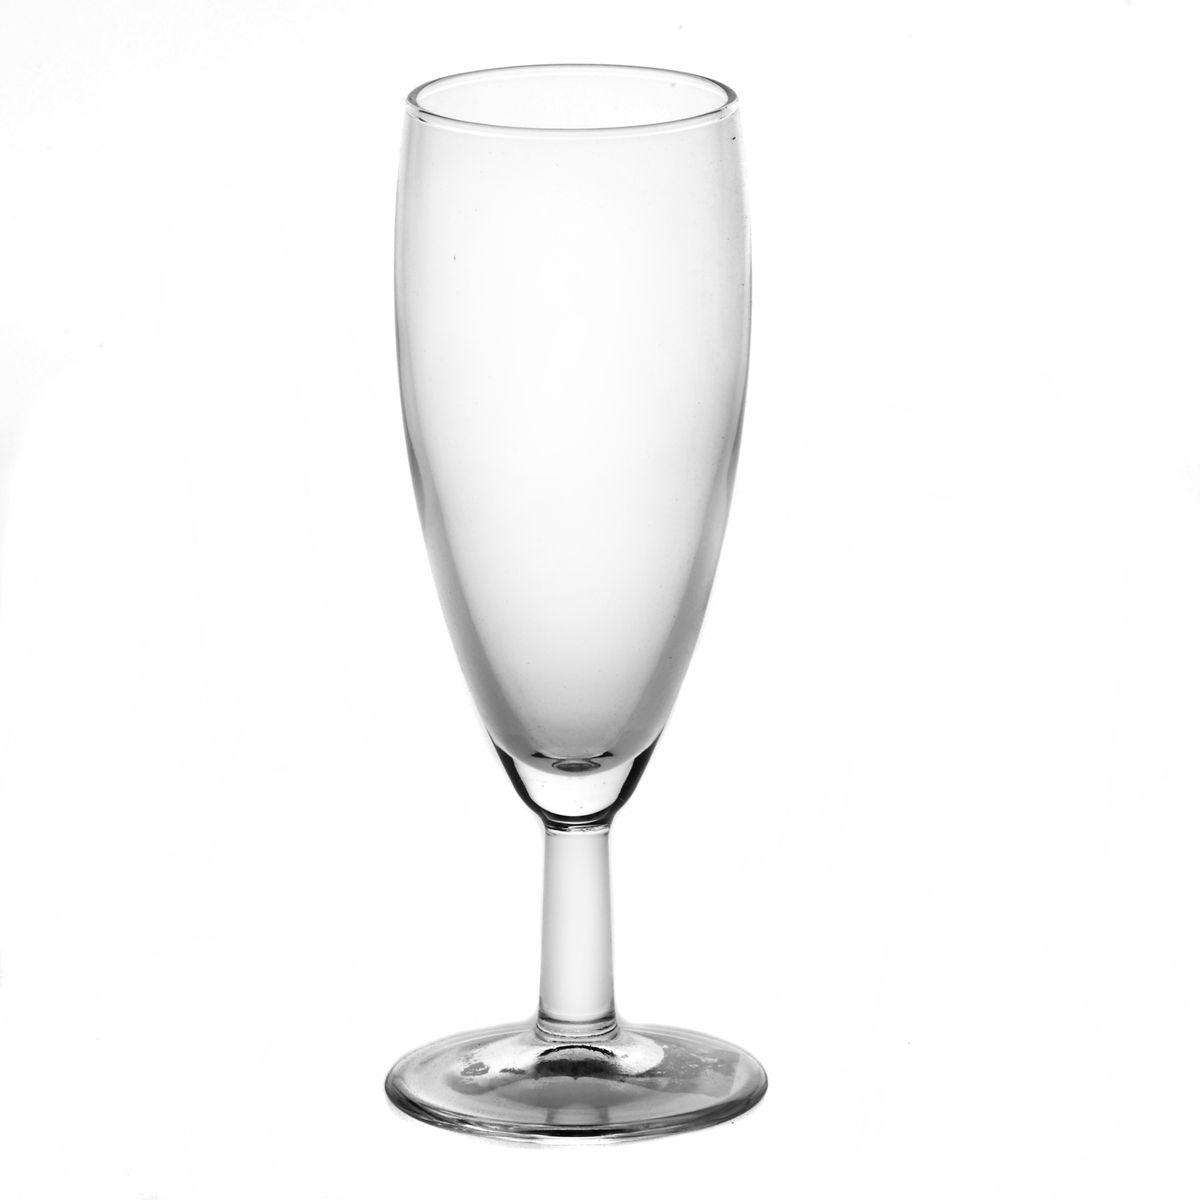 Набор бокалов Pasabahce Banquet, 155 мл, 6 штVT-1520(SR)Набор Pasabahce Banquet состоит из шести бокалов, выполненных из прочного натрий-кальций-силикатного стекла. Изделия оснащены невысокими ножками. Бокалы сочетают в себе элегантный дизайн и функциональность. Благодаря такому набору пить напитки будет еще вкуснее.Набор бокалов Pasabahce Banquet прекрасно оформит праздничный стол и создаст приятную атмосферу за ужином. Такой набор также станет хорошим подарком к любому случаю. Можно мыть в посудомоечной машине и использовать в микроволновой печи.Диаметр бокала (по верхнему краю): 4,5 см. Высота бокала: 16 см.